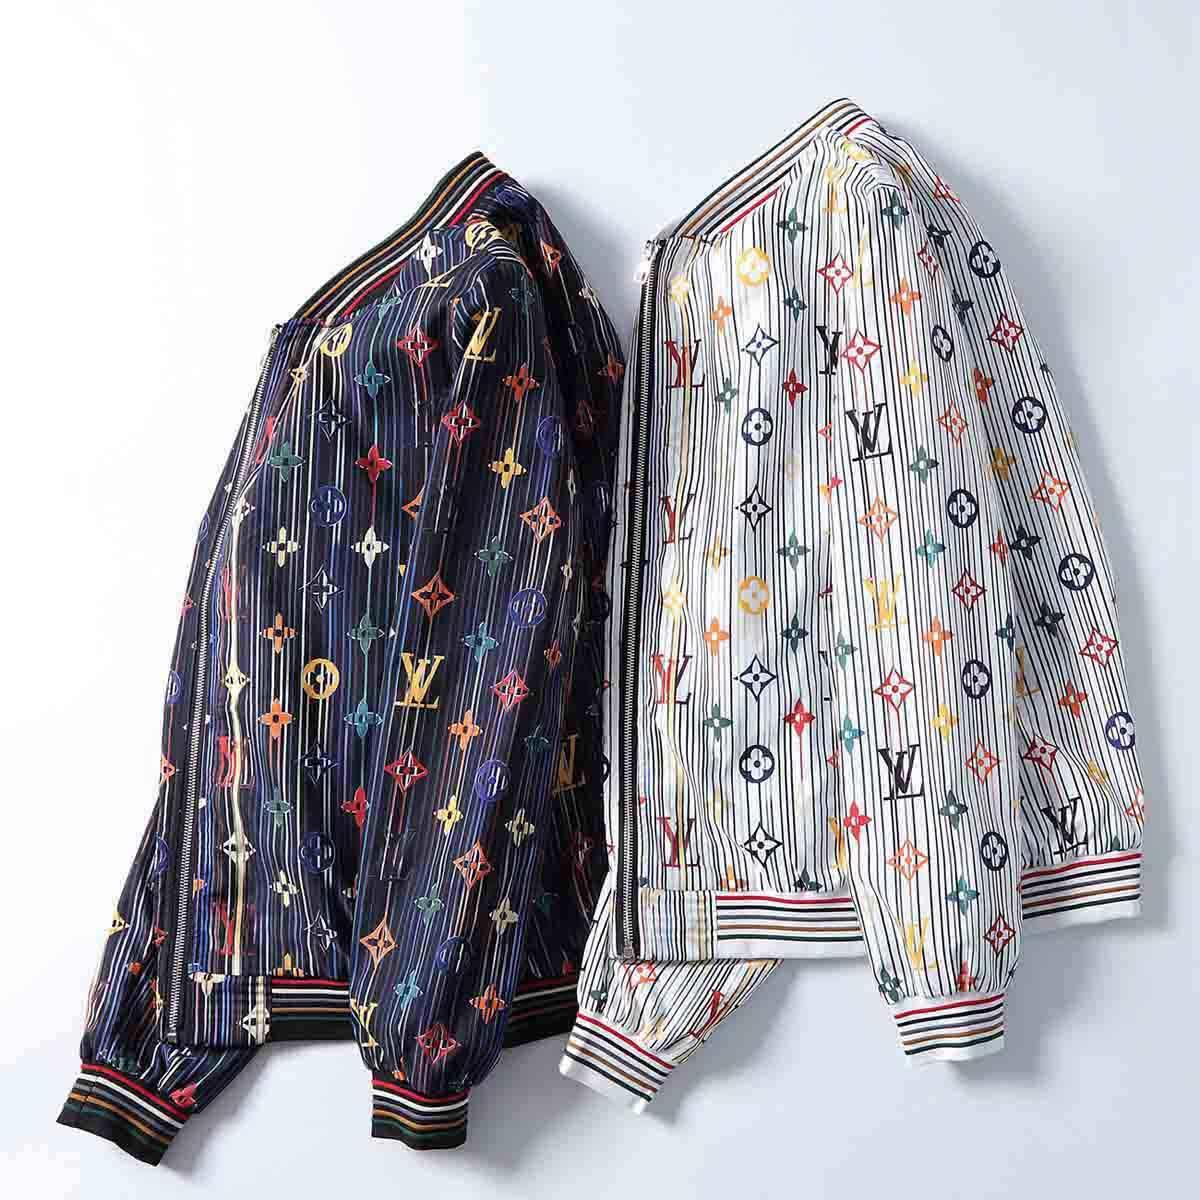 Großhandels-europäischer und amerikanischer Trend von hohen Qualität Herbst und Winter Herren-Mänteln Medusa Jacke Art und Weise Baseballjacke Manteljacke der Männer